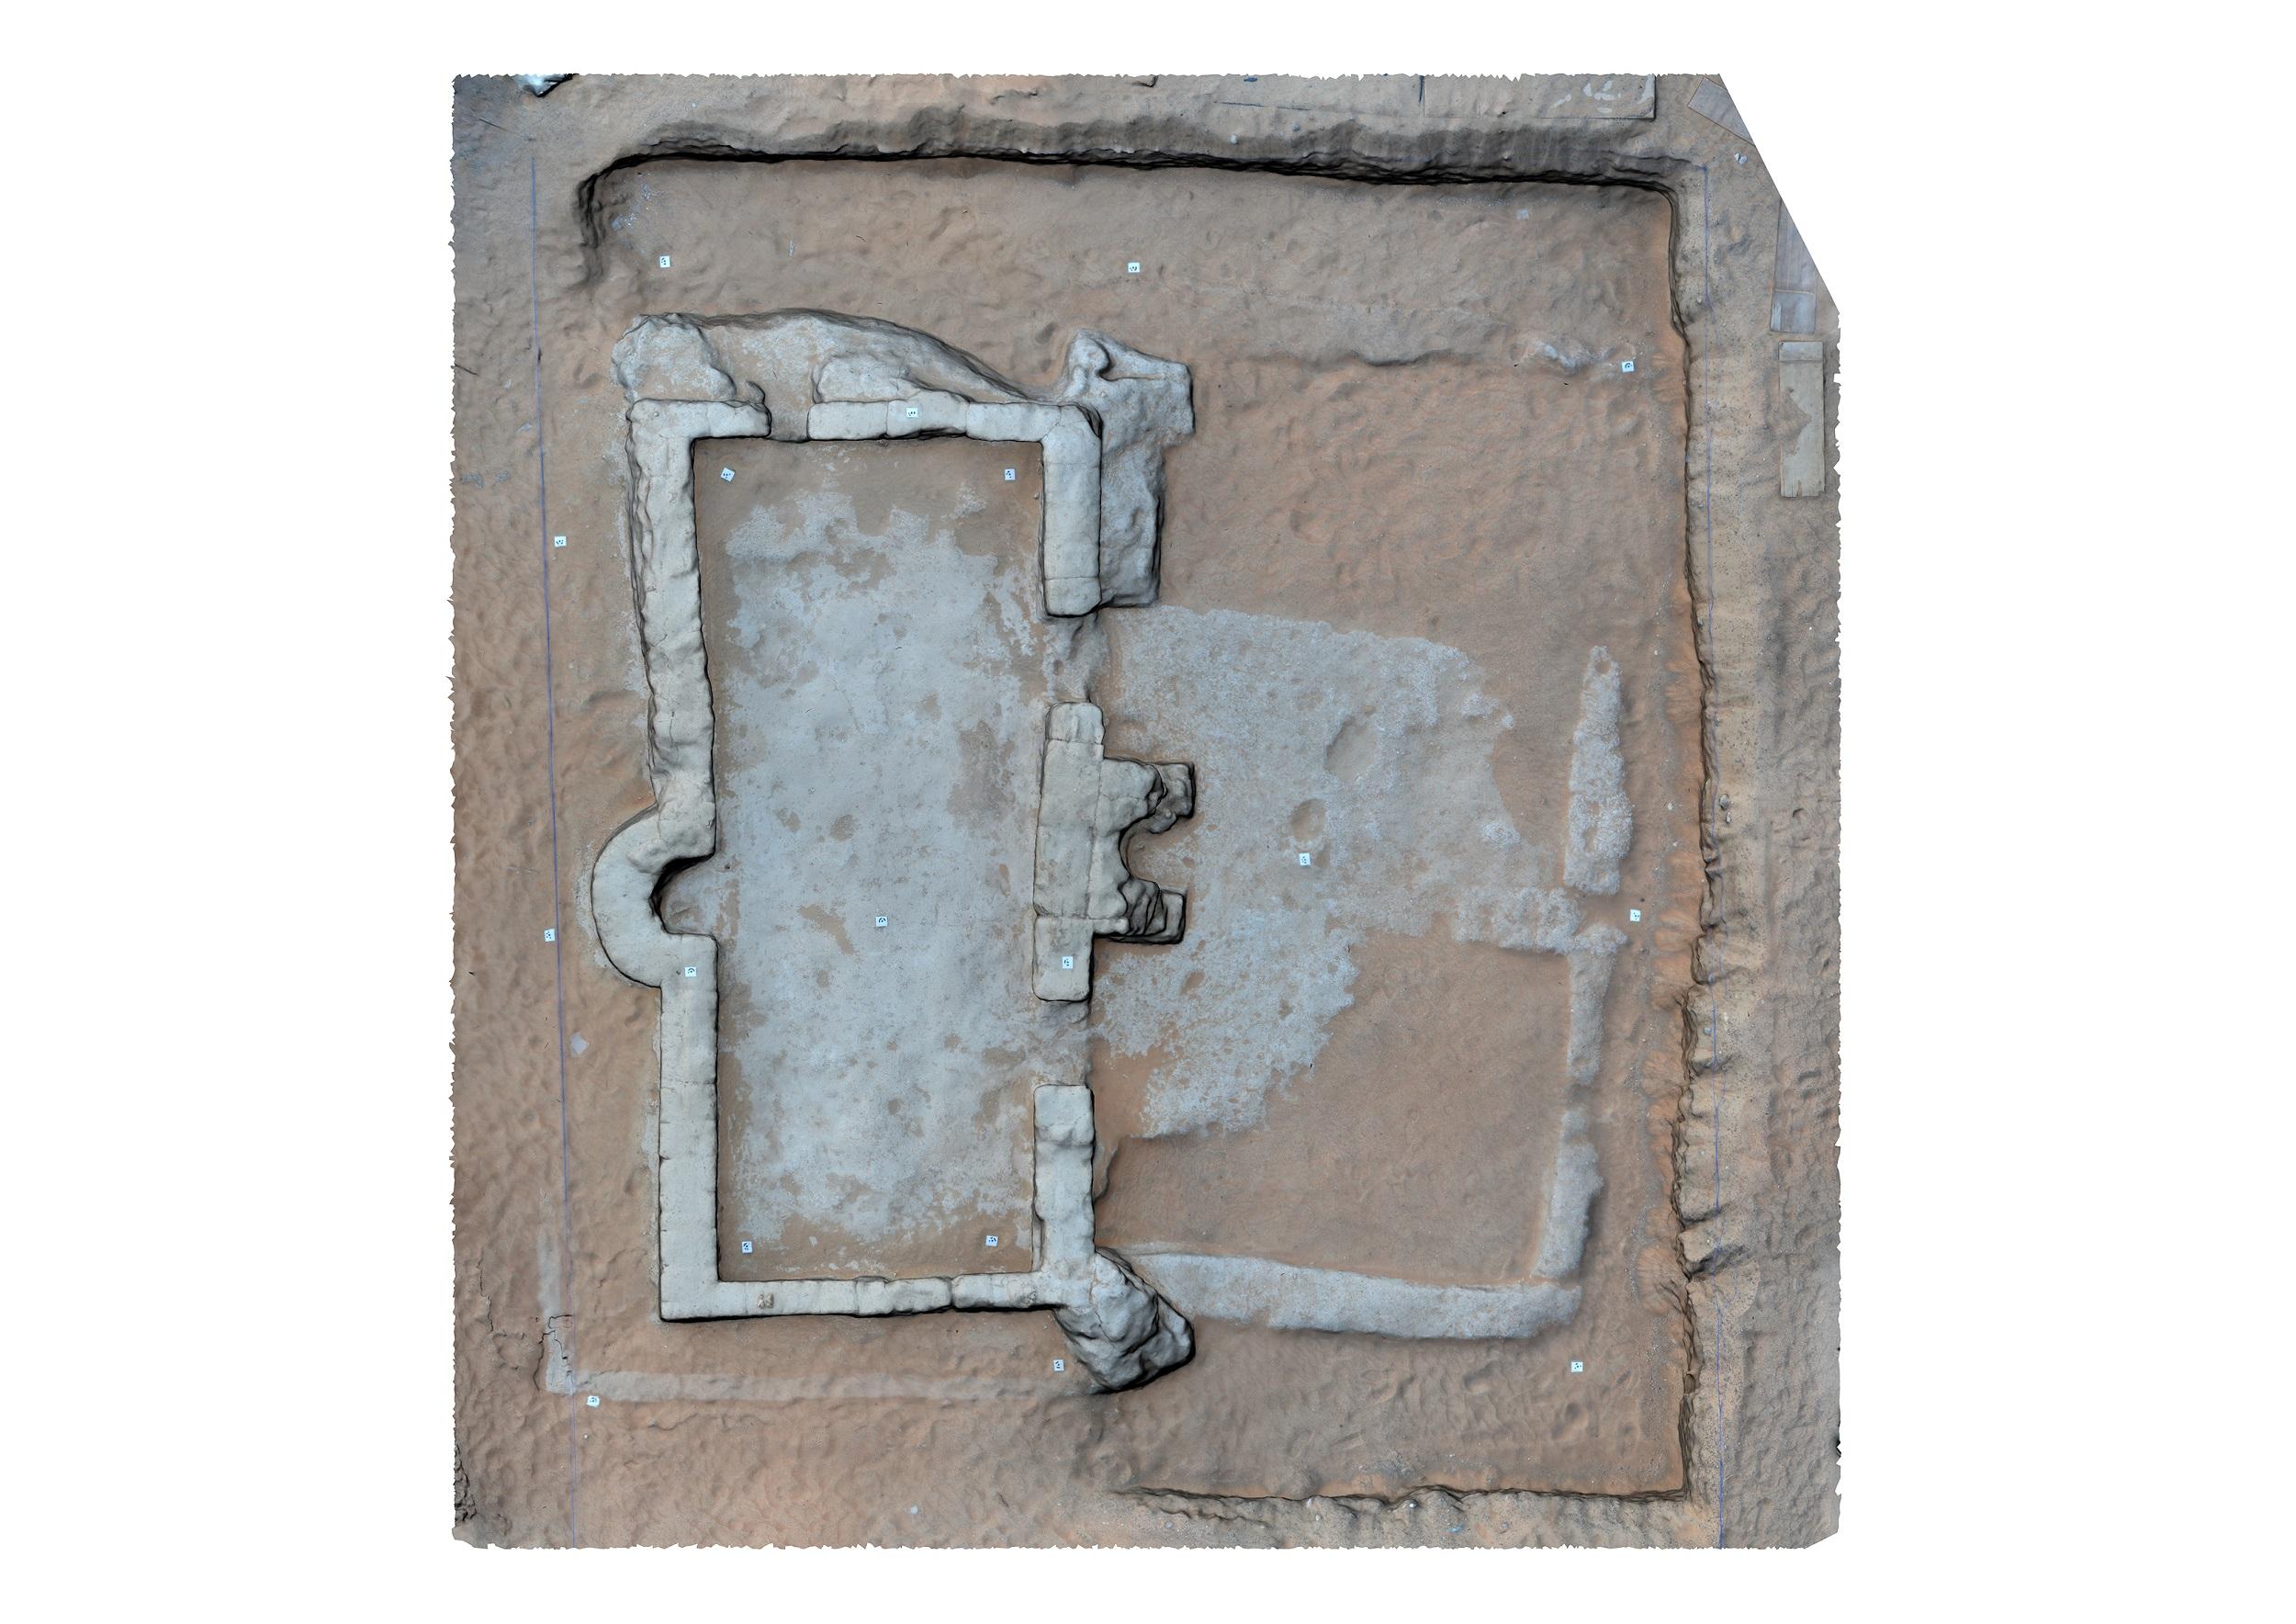 تصور ثلاثي الأبعاد لأقدم مسجد في الدولة بالعين